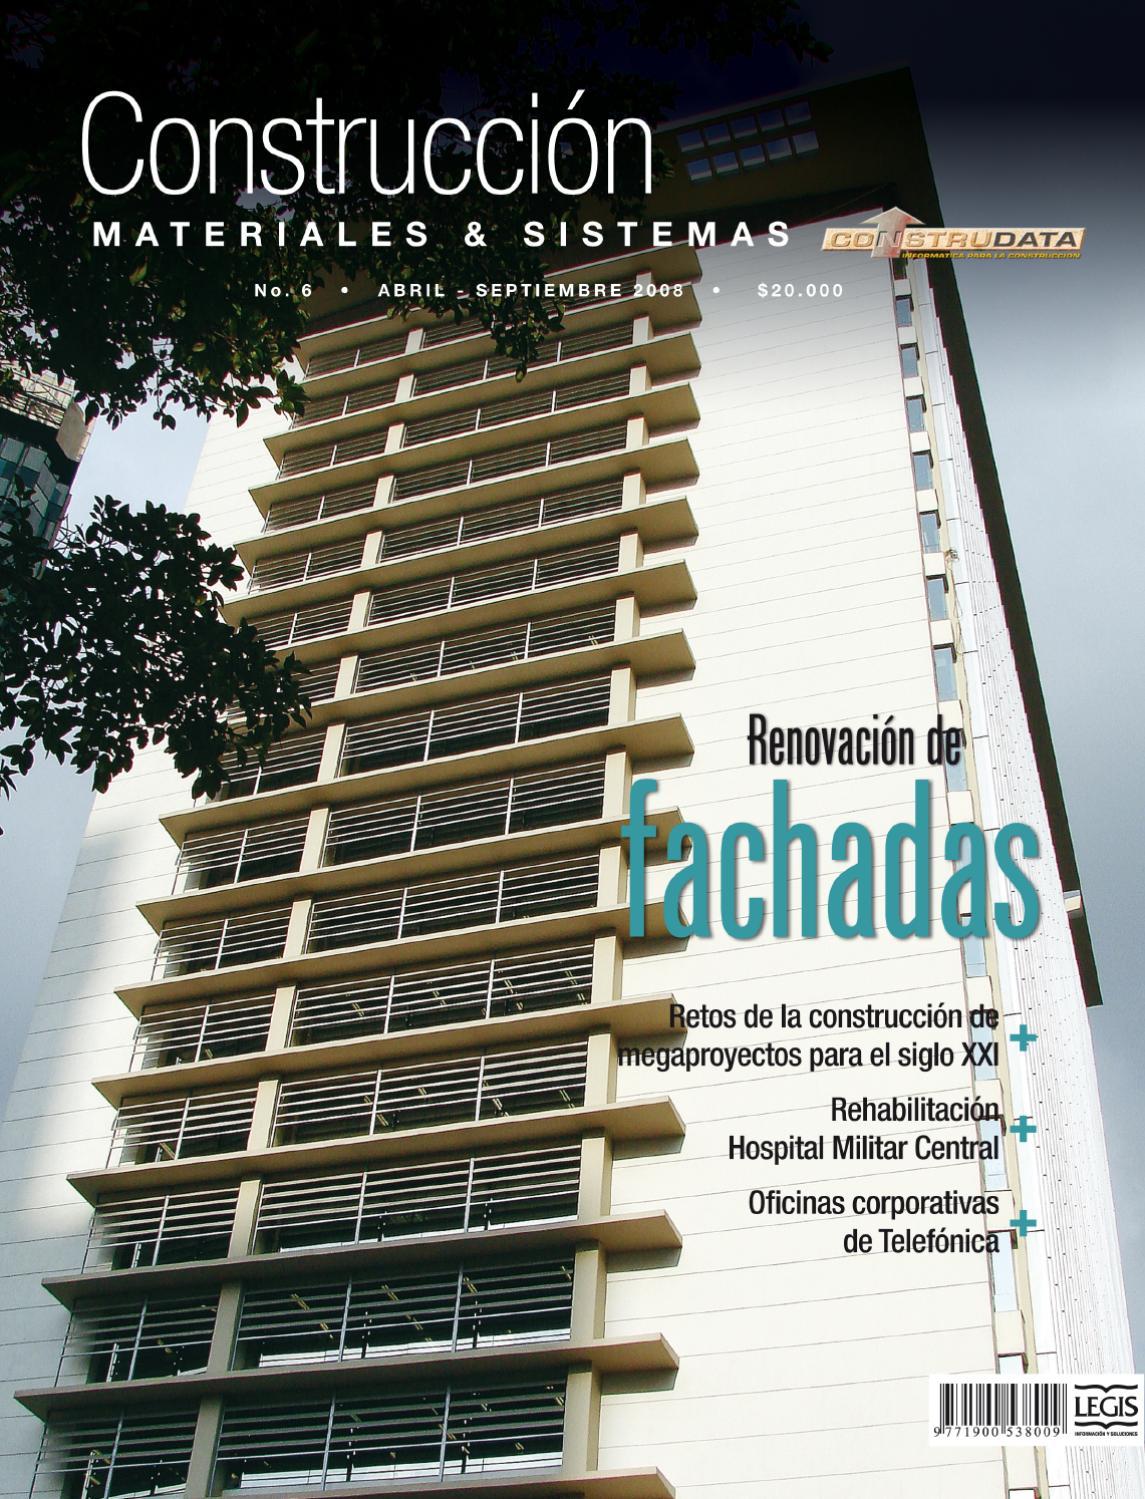 ISSUU - Revista Construcción Metálica Ed. 6 by Legis SA